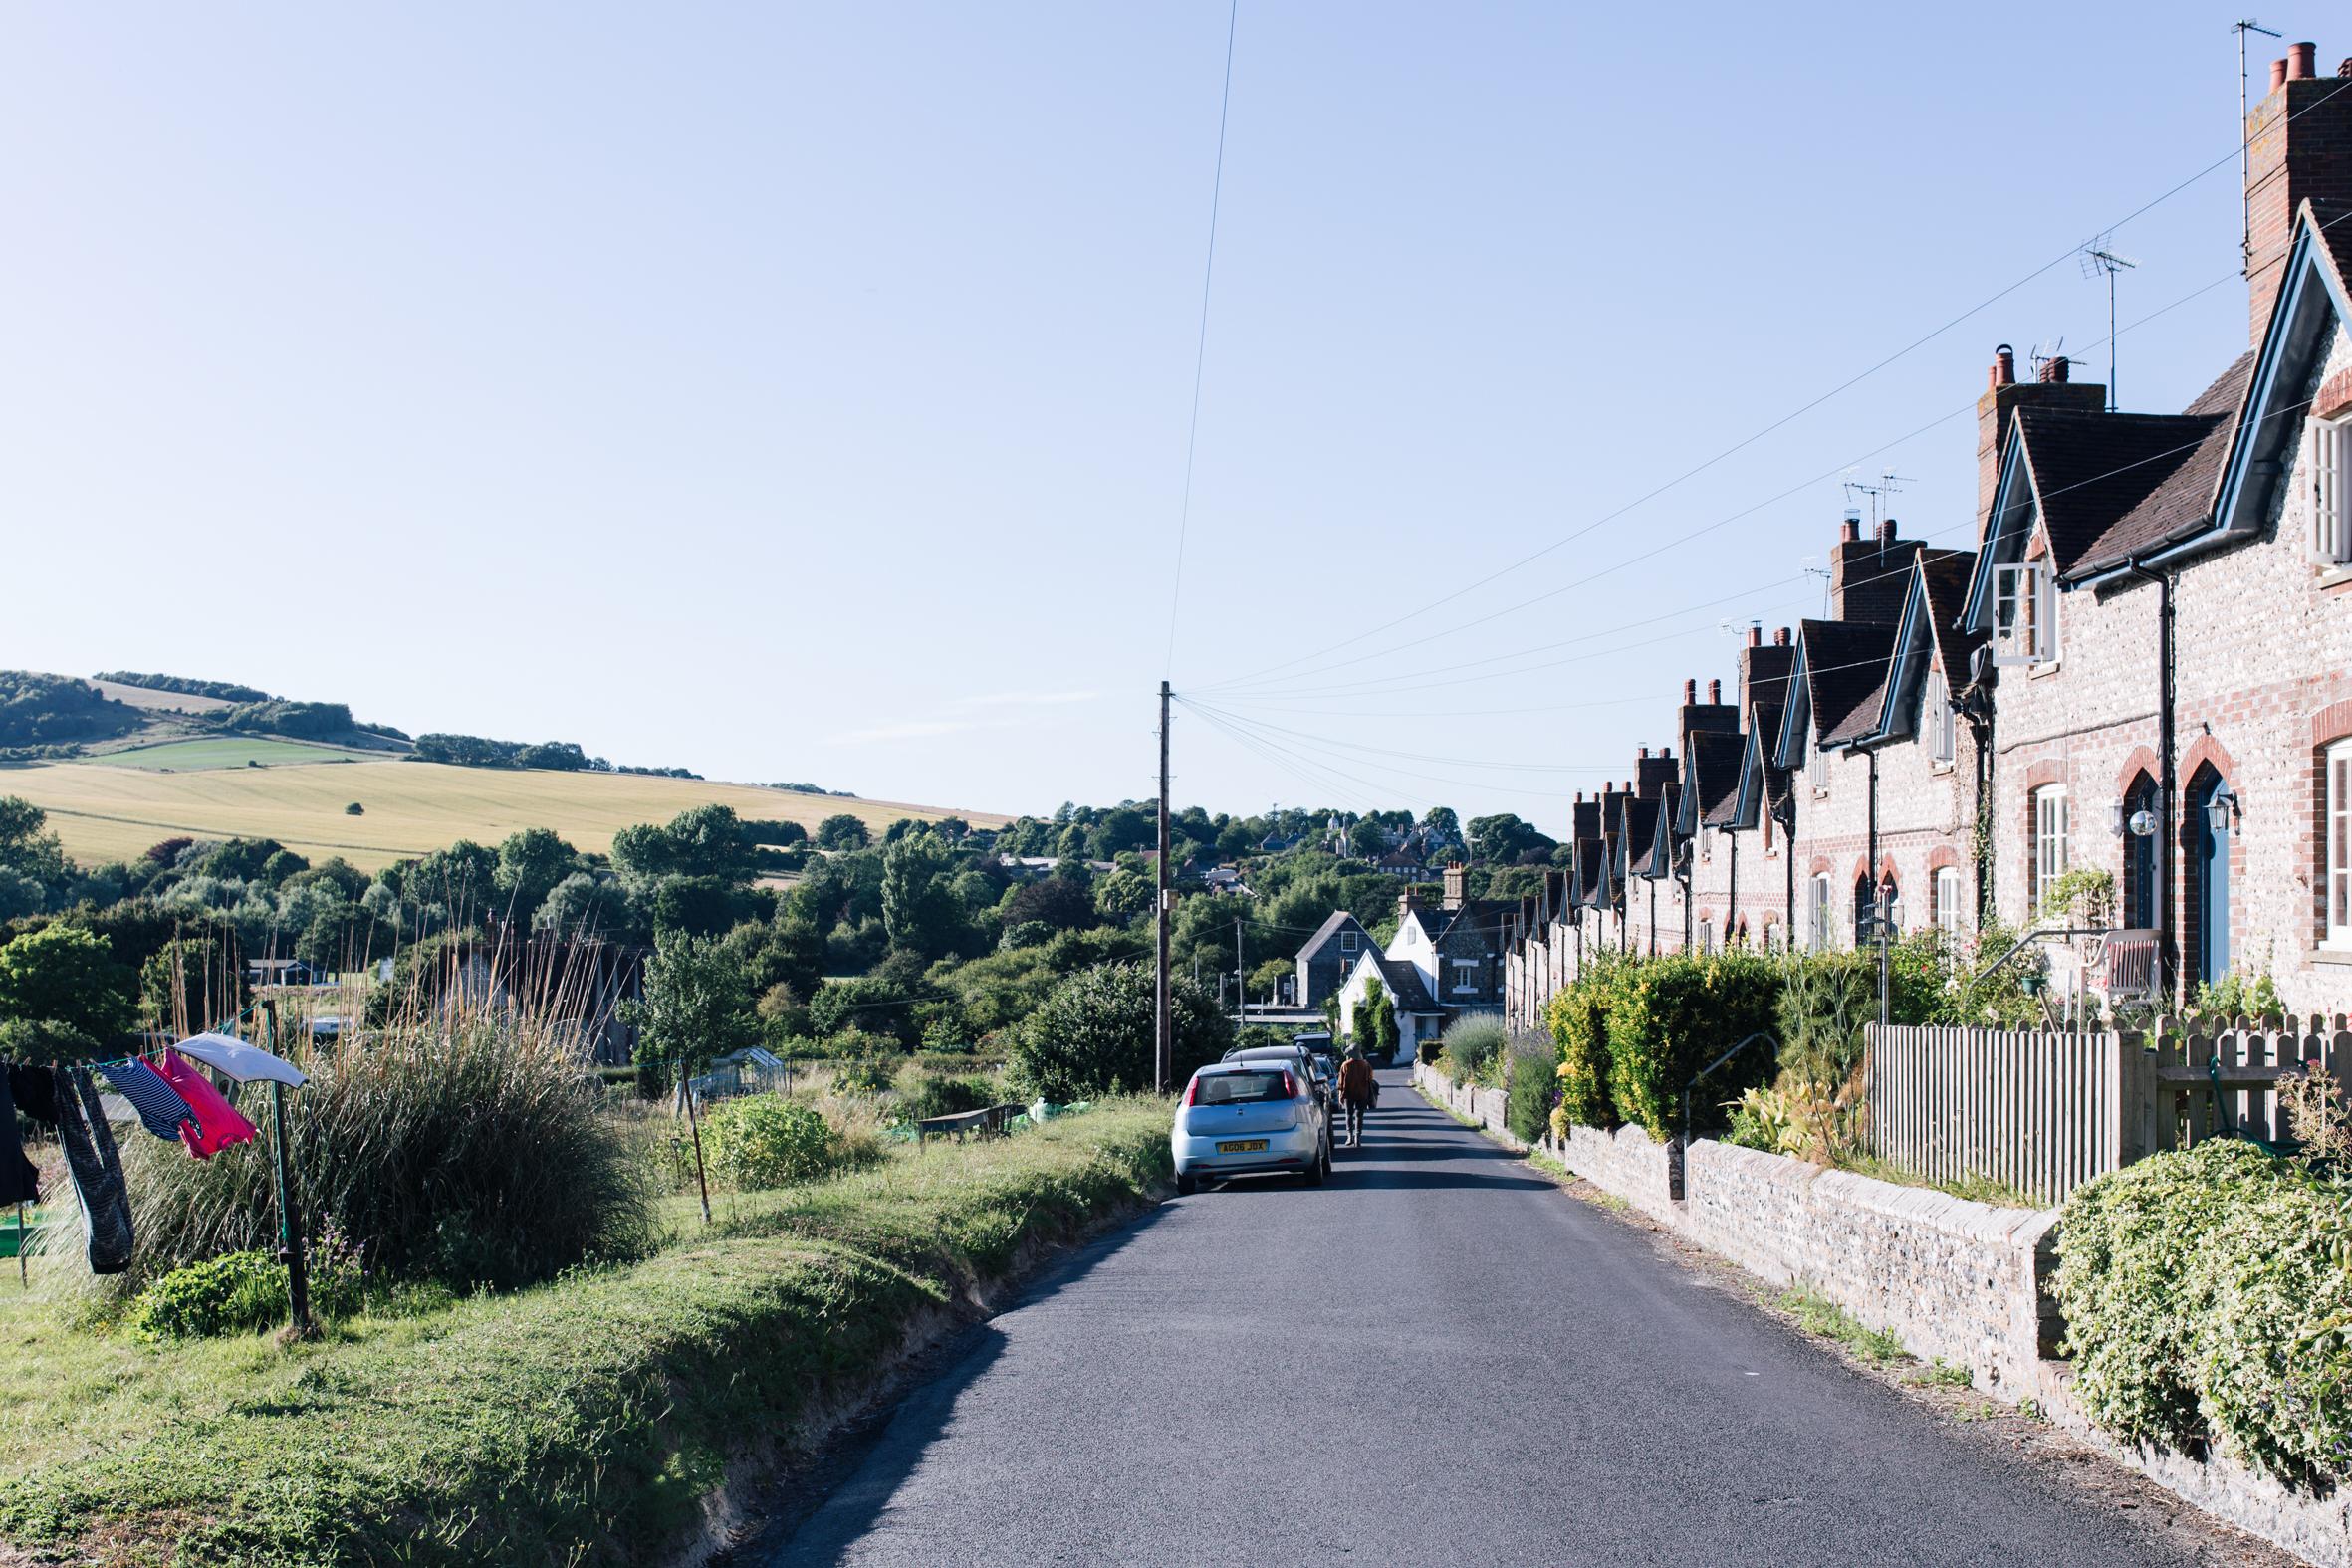 The village of Glynde